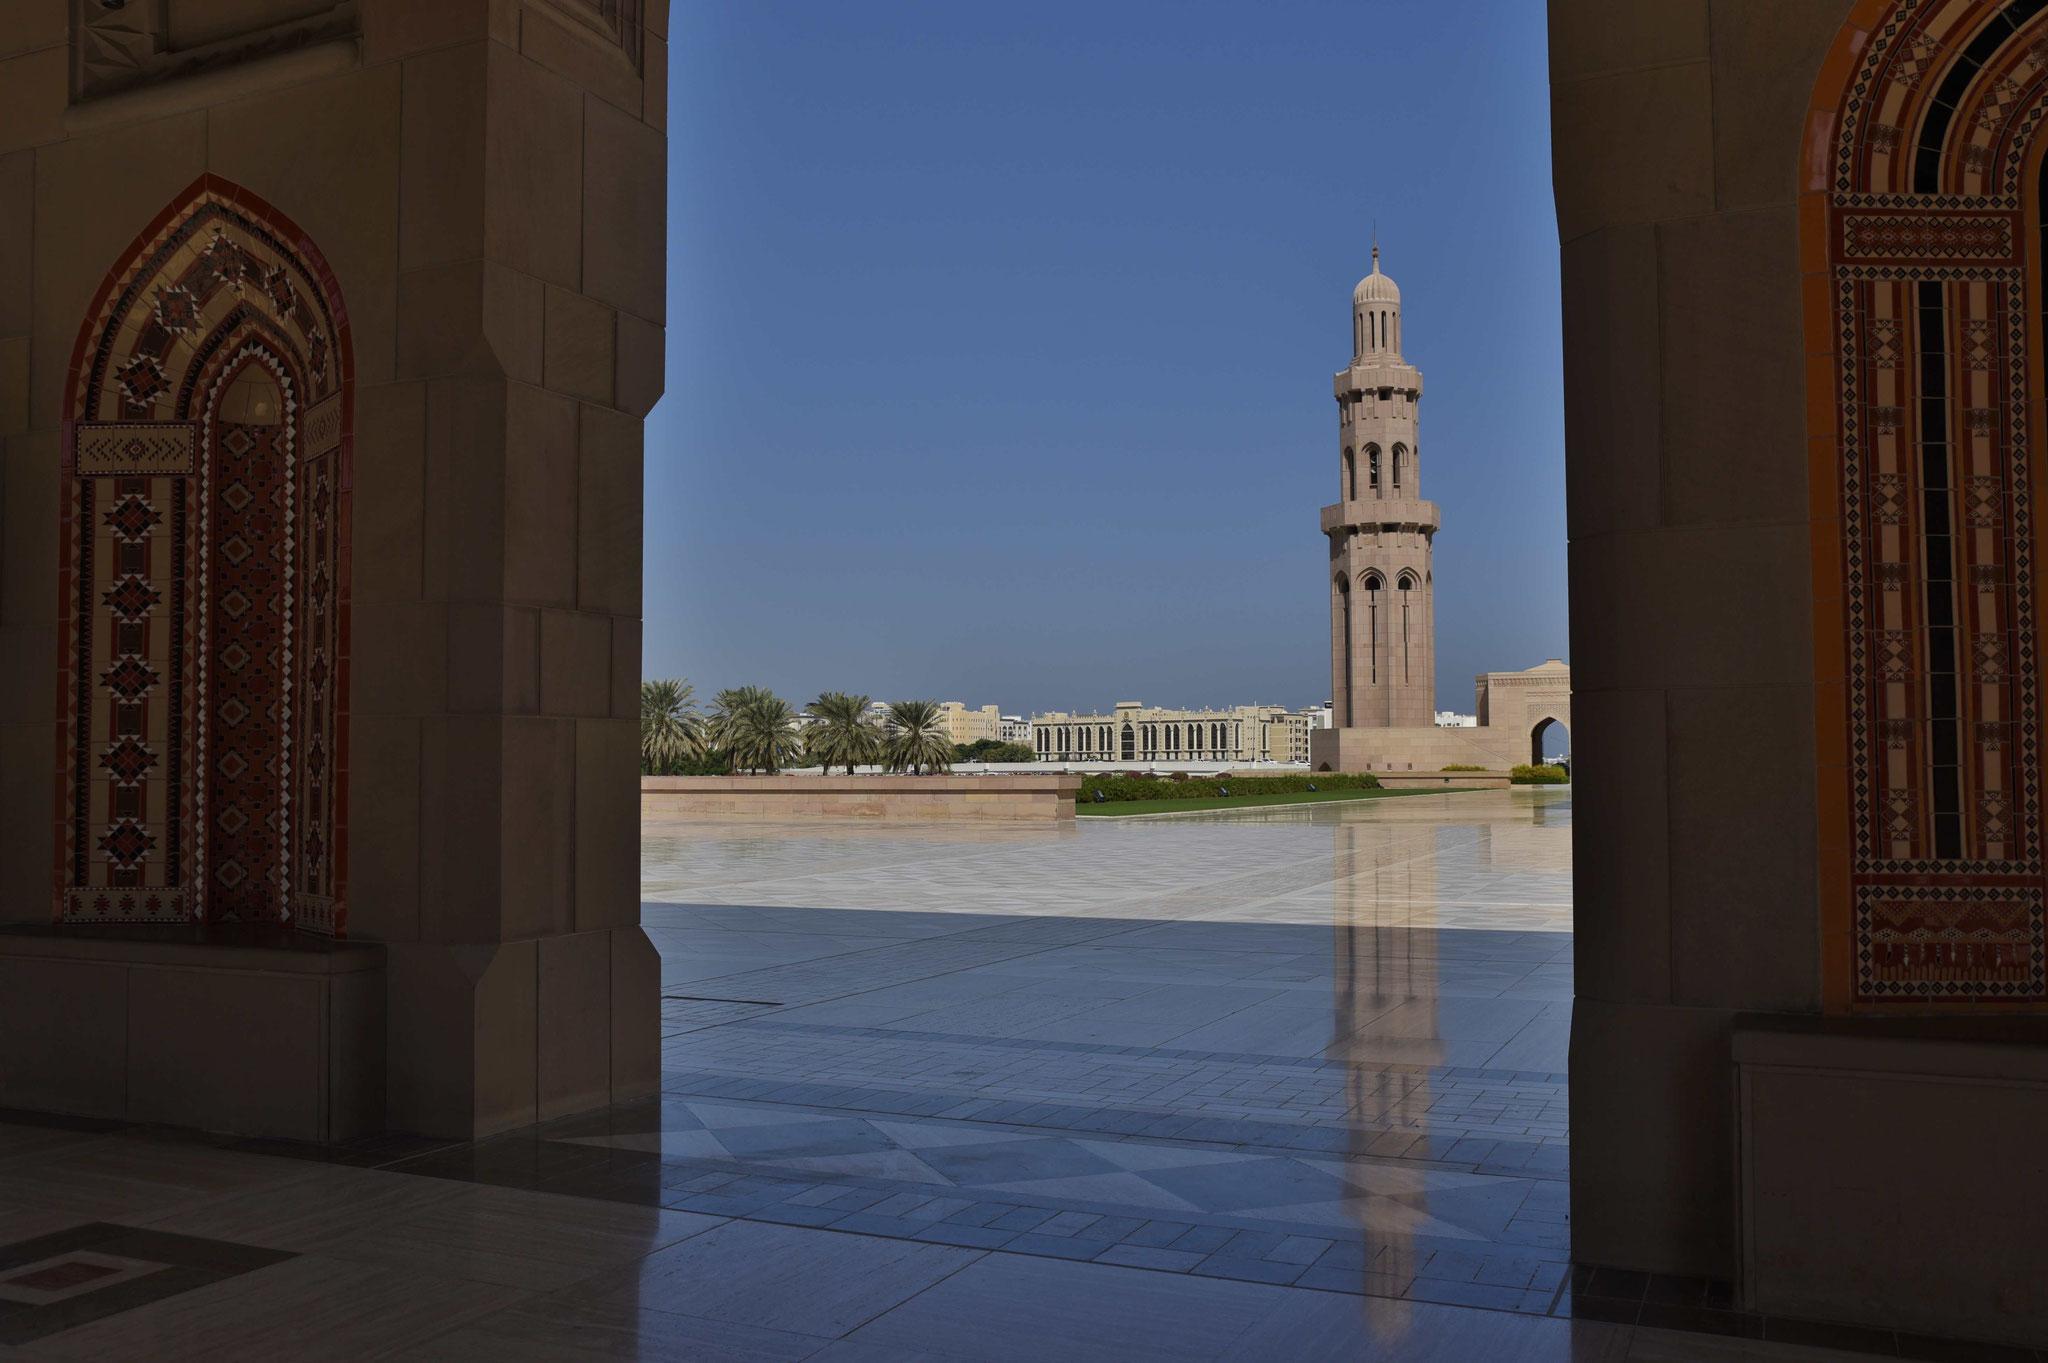 Weiteres Minarett - 5 insgesamt für jede Säule des Islam